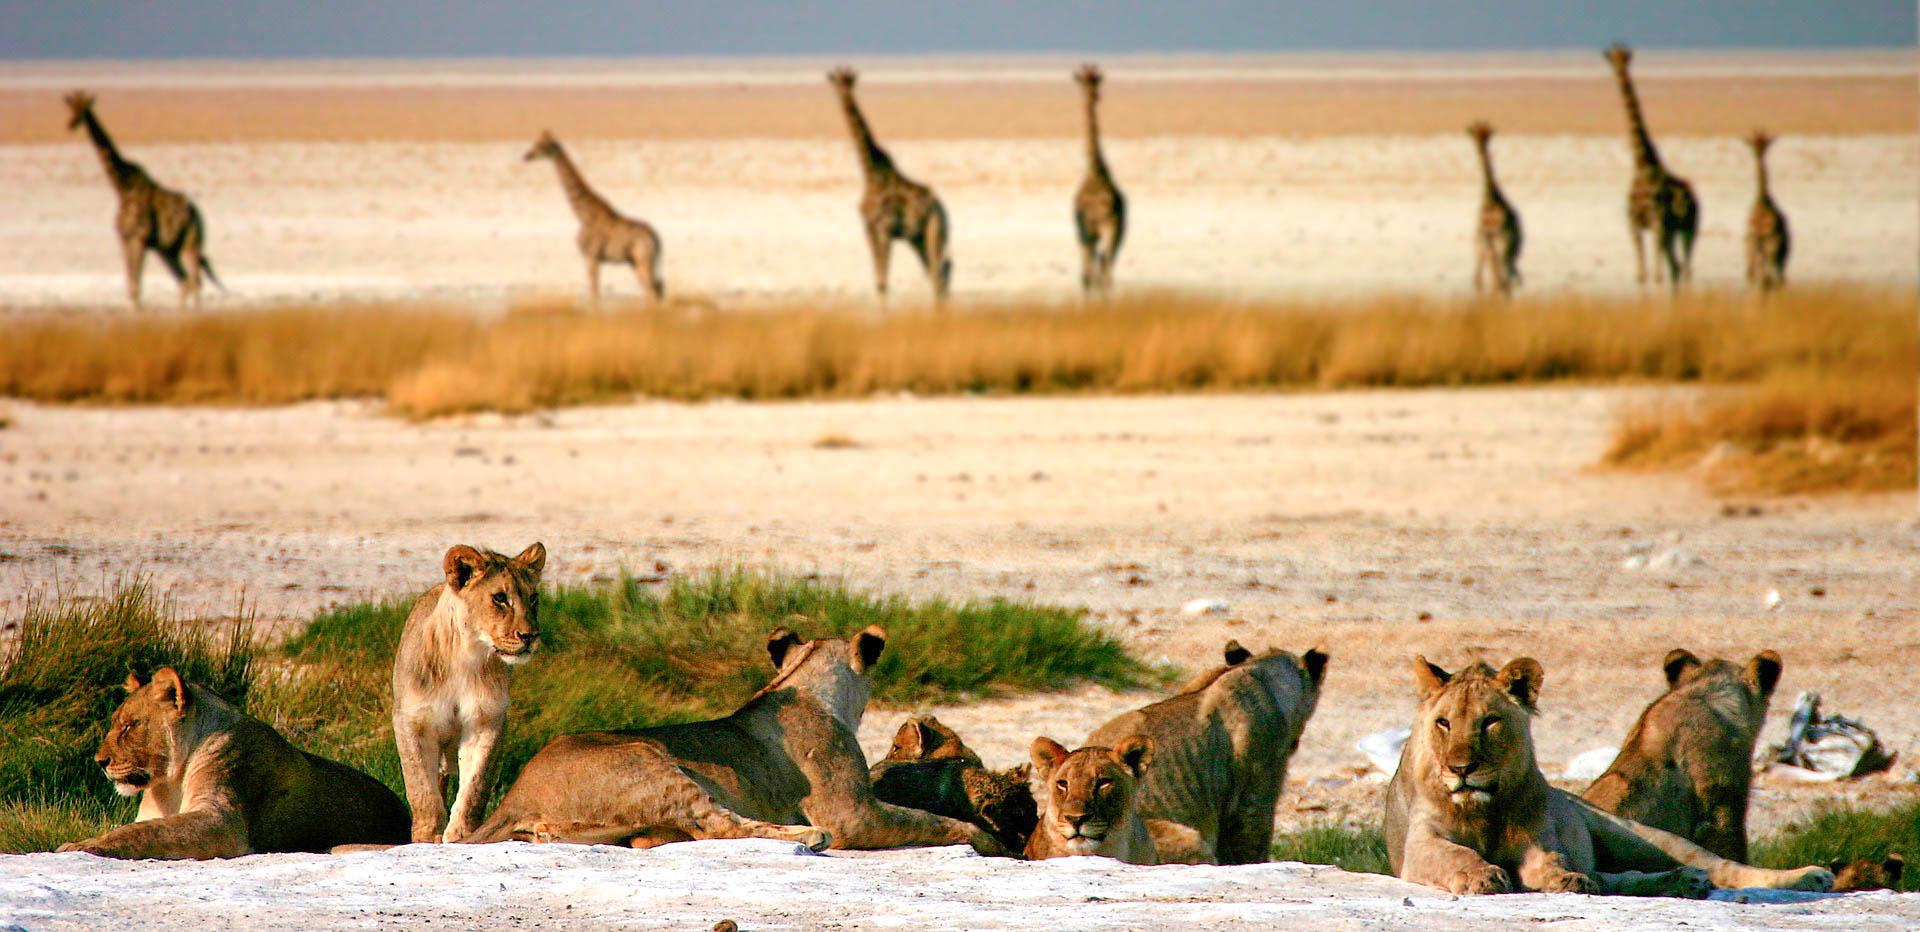 Національний парк Намібія Етоша